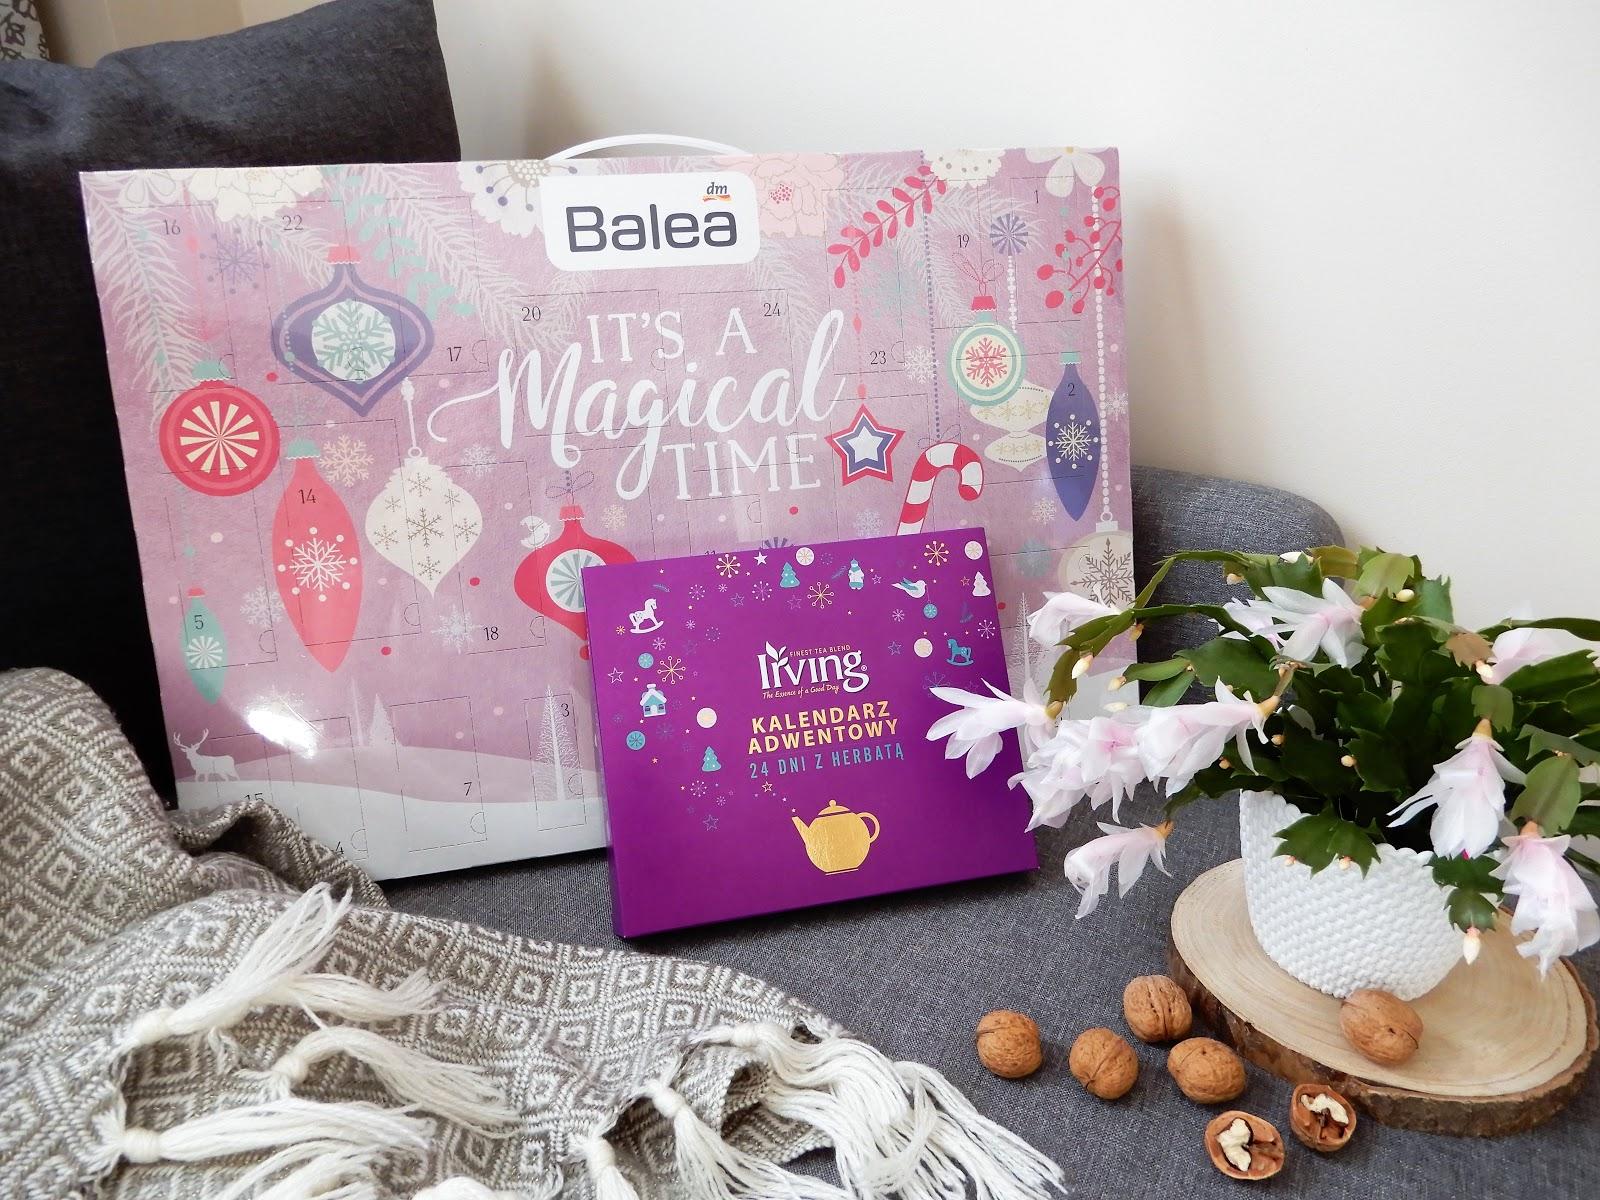 Kalendarzowy zawrót głowy | Kosmetyczne dla kobiet i mężczyzn, herbaciane kalendarze adwentowe 2019